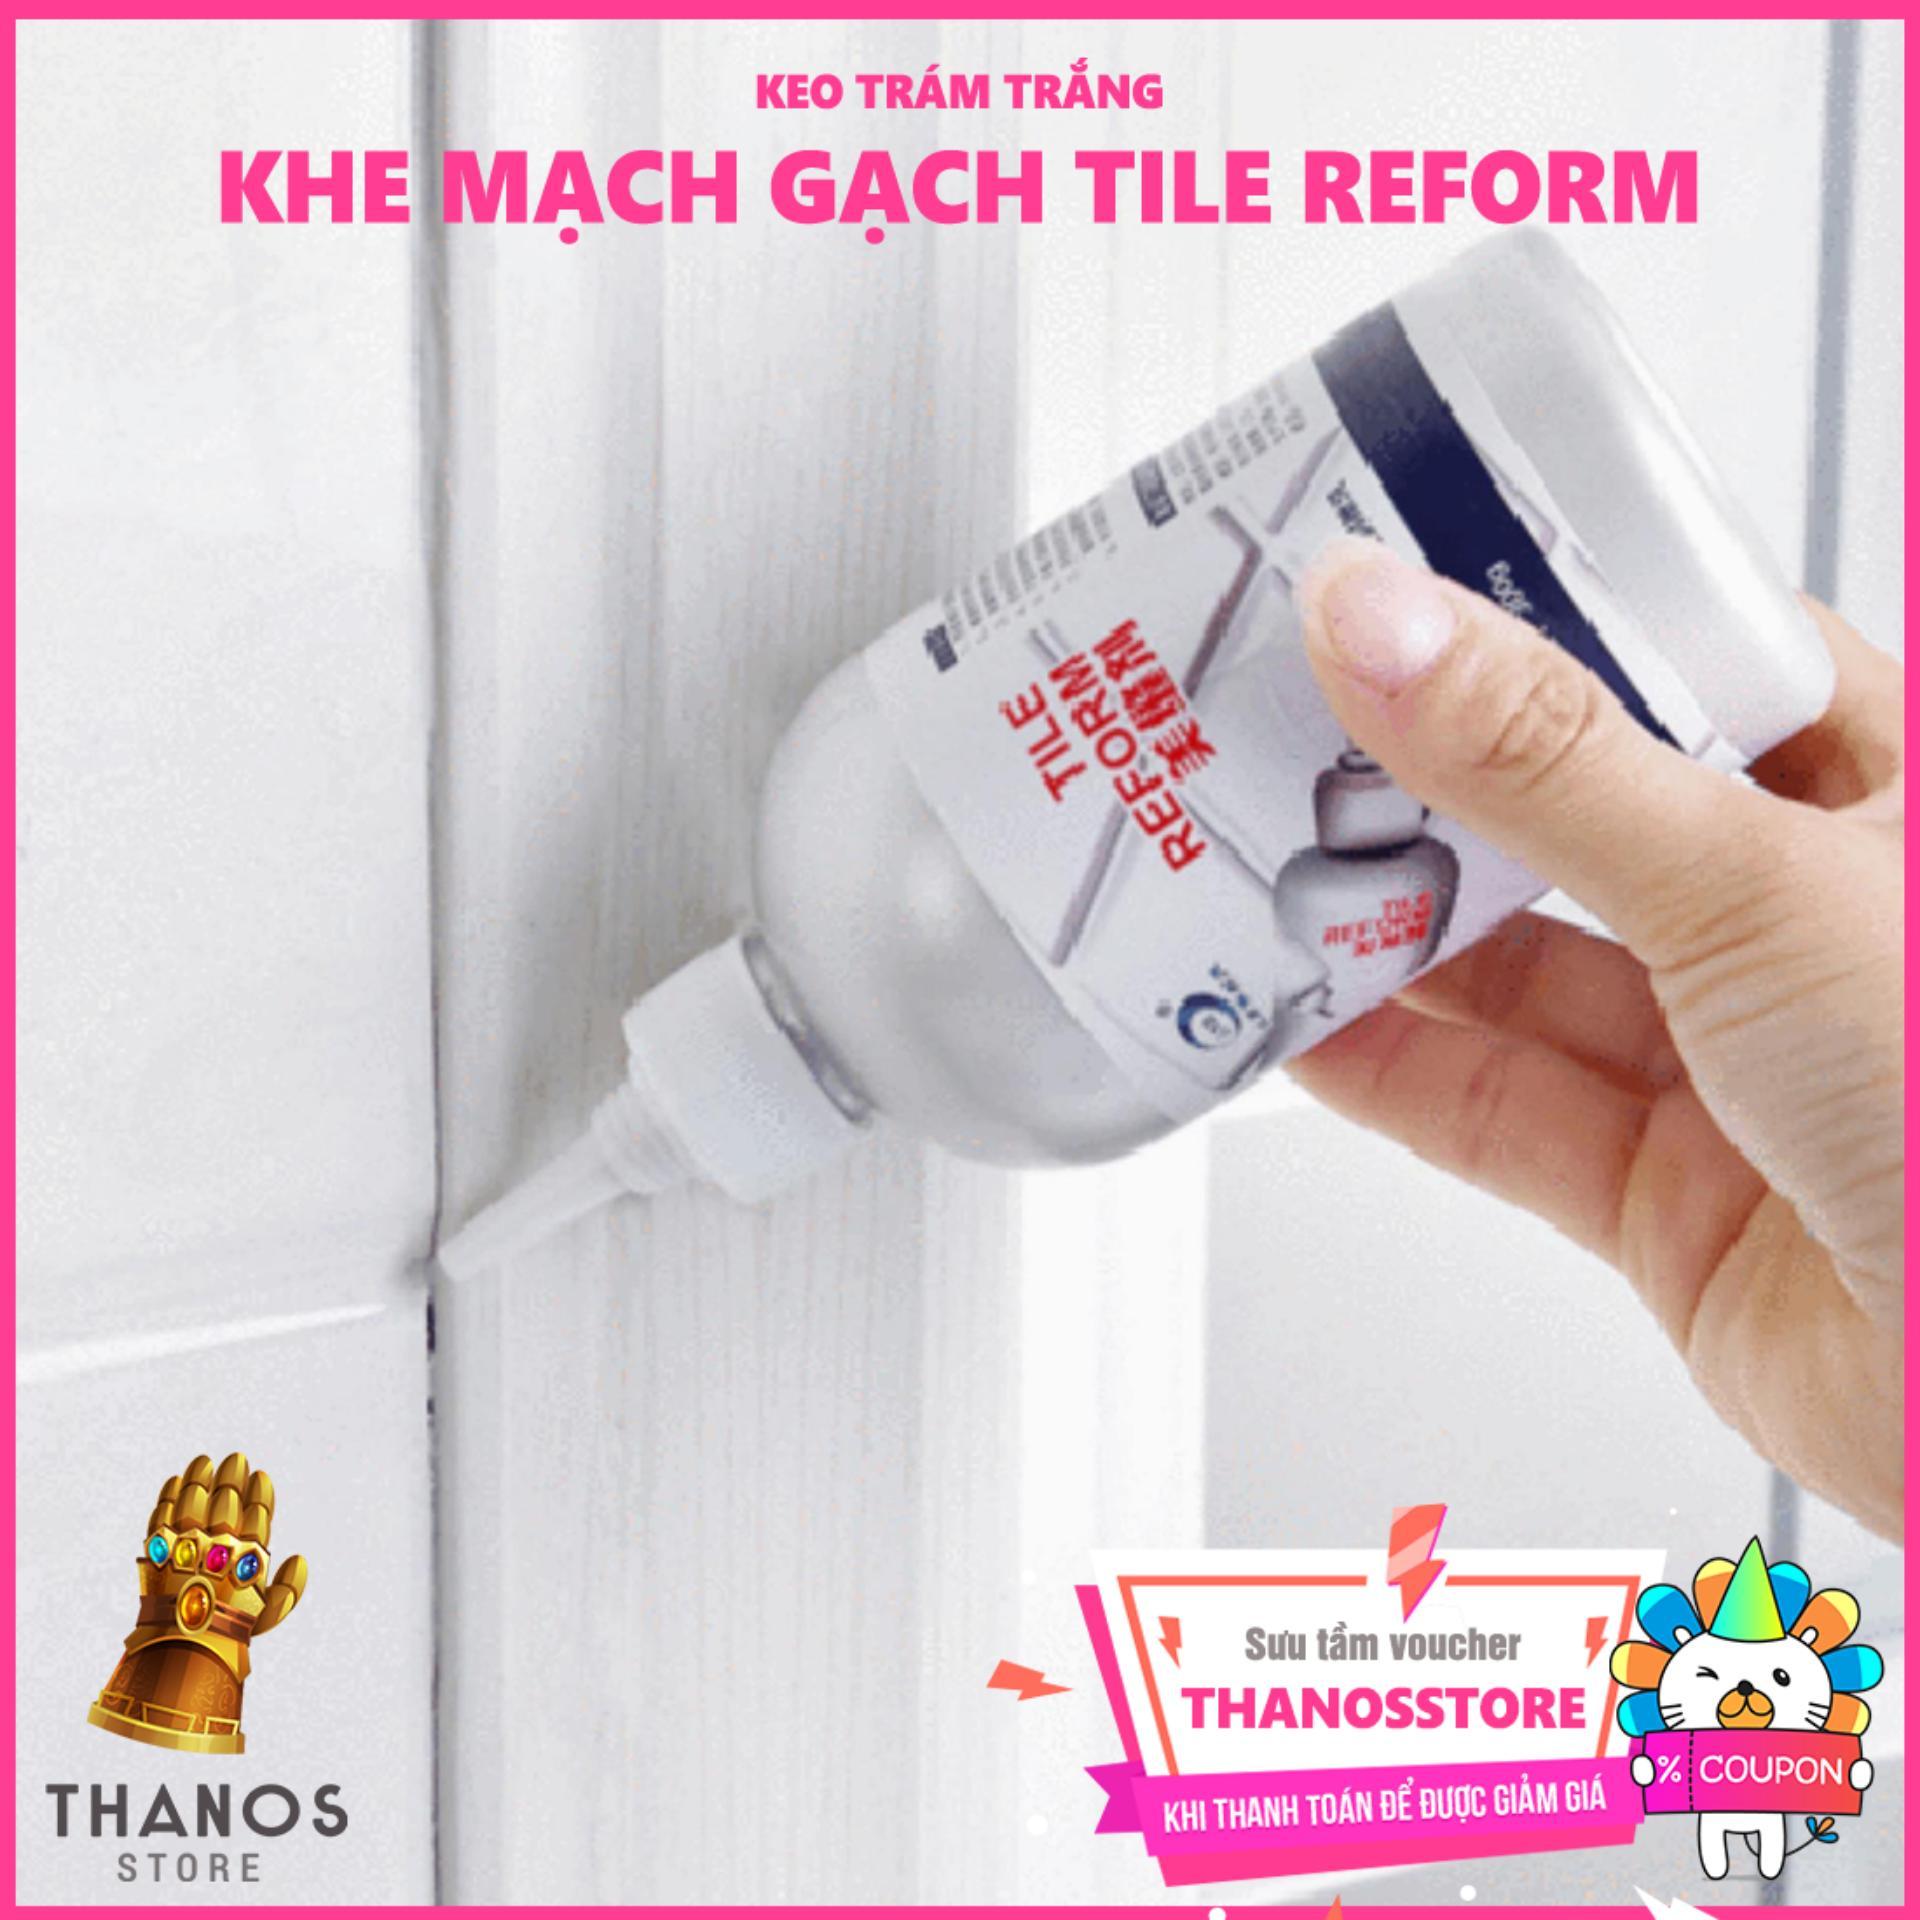 Hình ảnh Keo trám trắng khe mạch gạch Tile Reform - Thanos Store